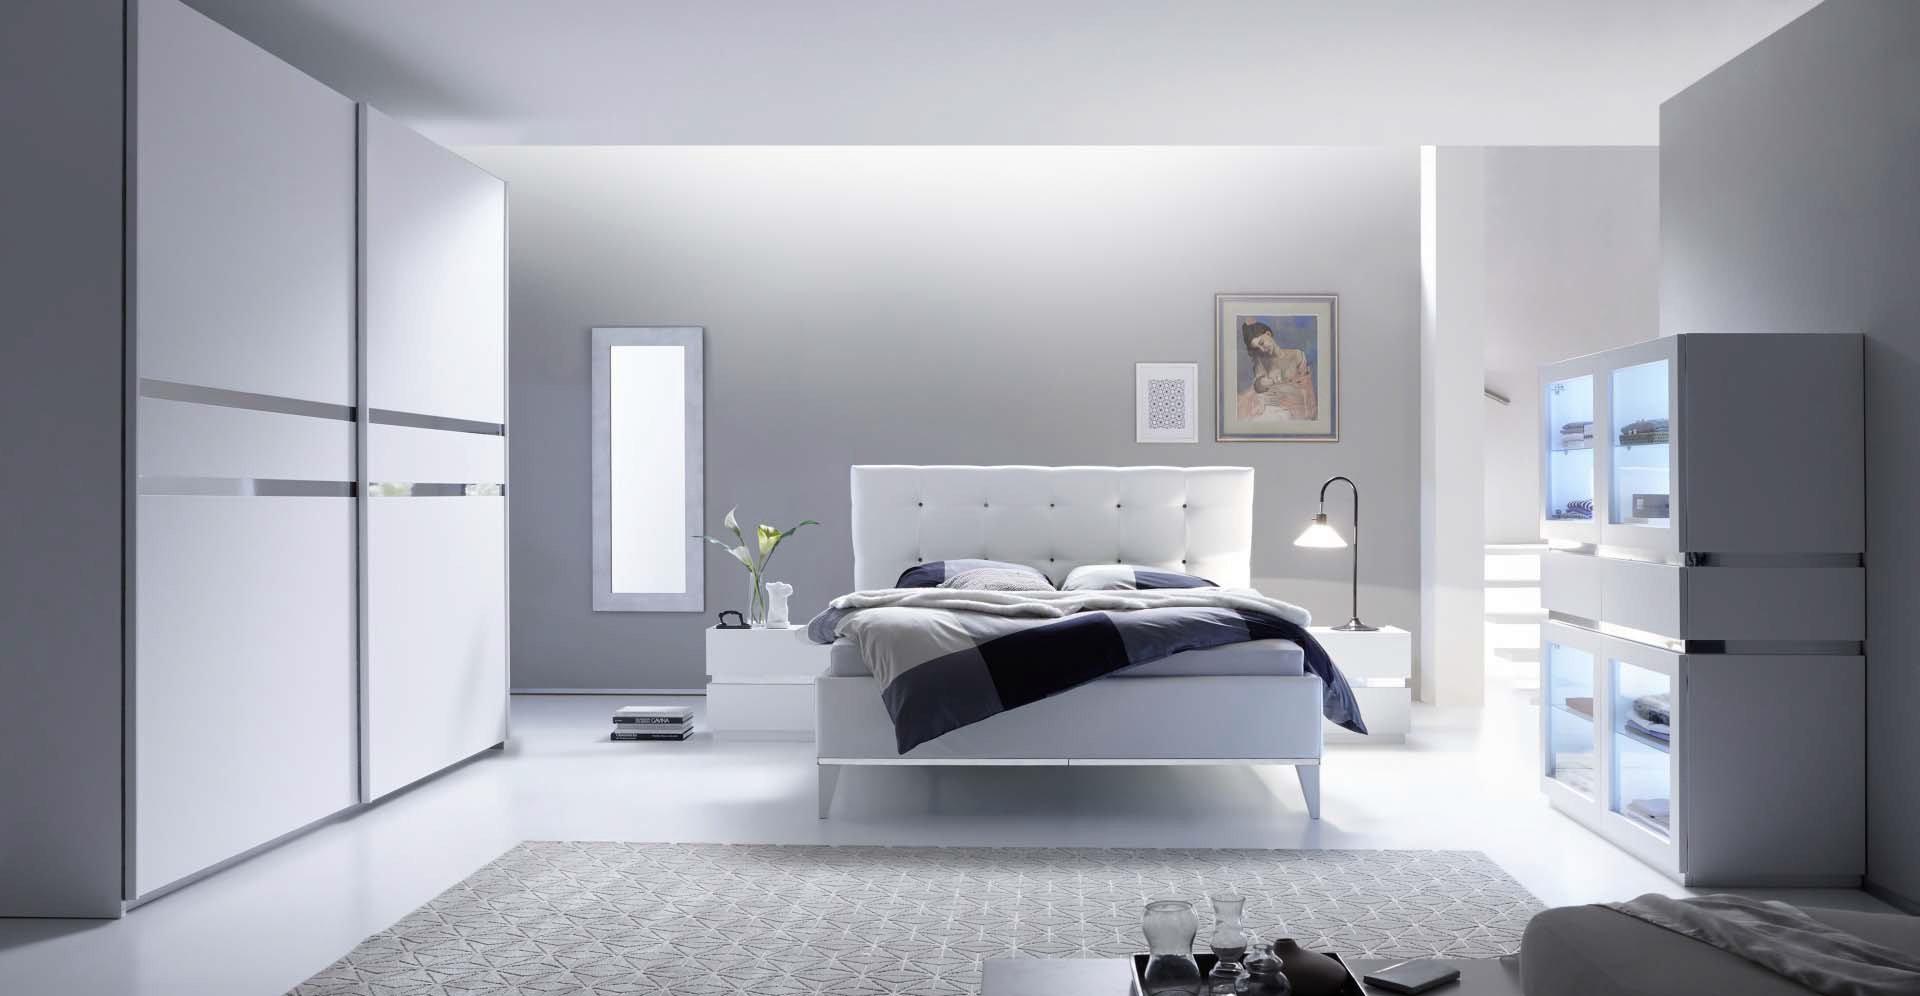 Letto matrimoniale reno mobile camera da letto moderno - Colori camera da letto matrimoniale ...